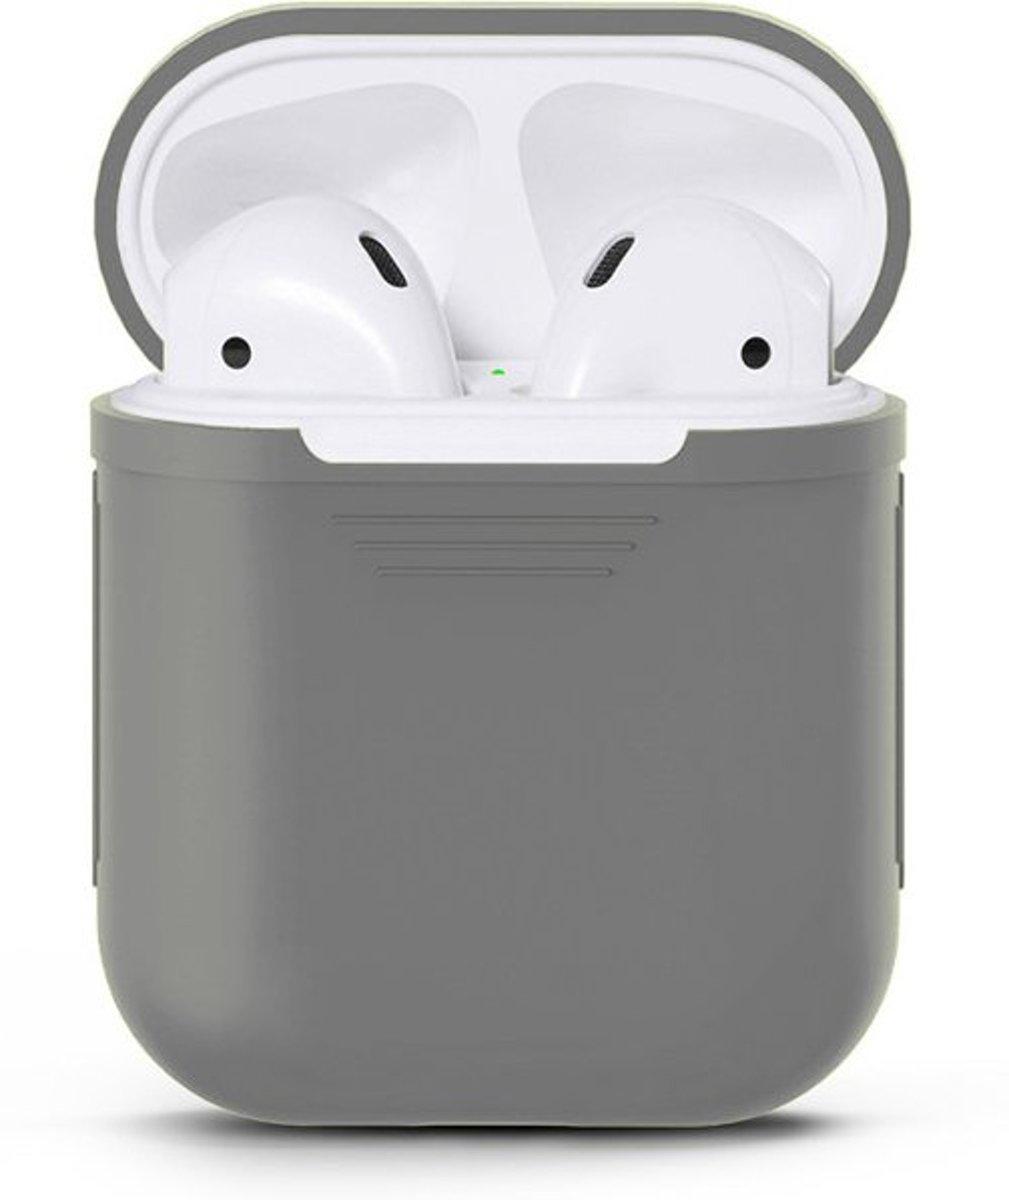 KELERINO. Siliconen hoesje voor Apple Airpods Softcase - Grijs kopen